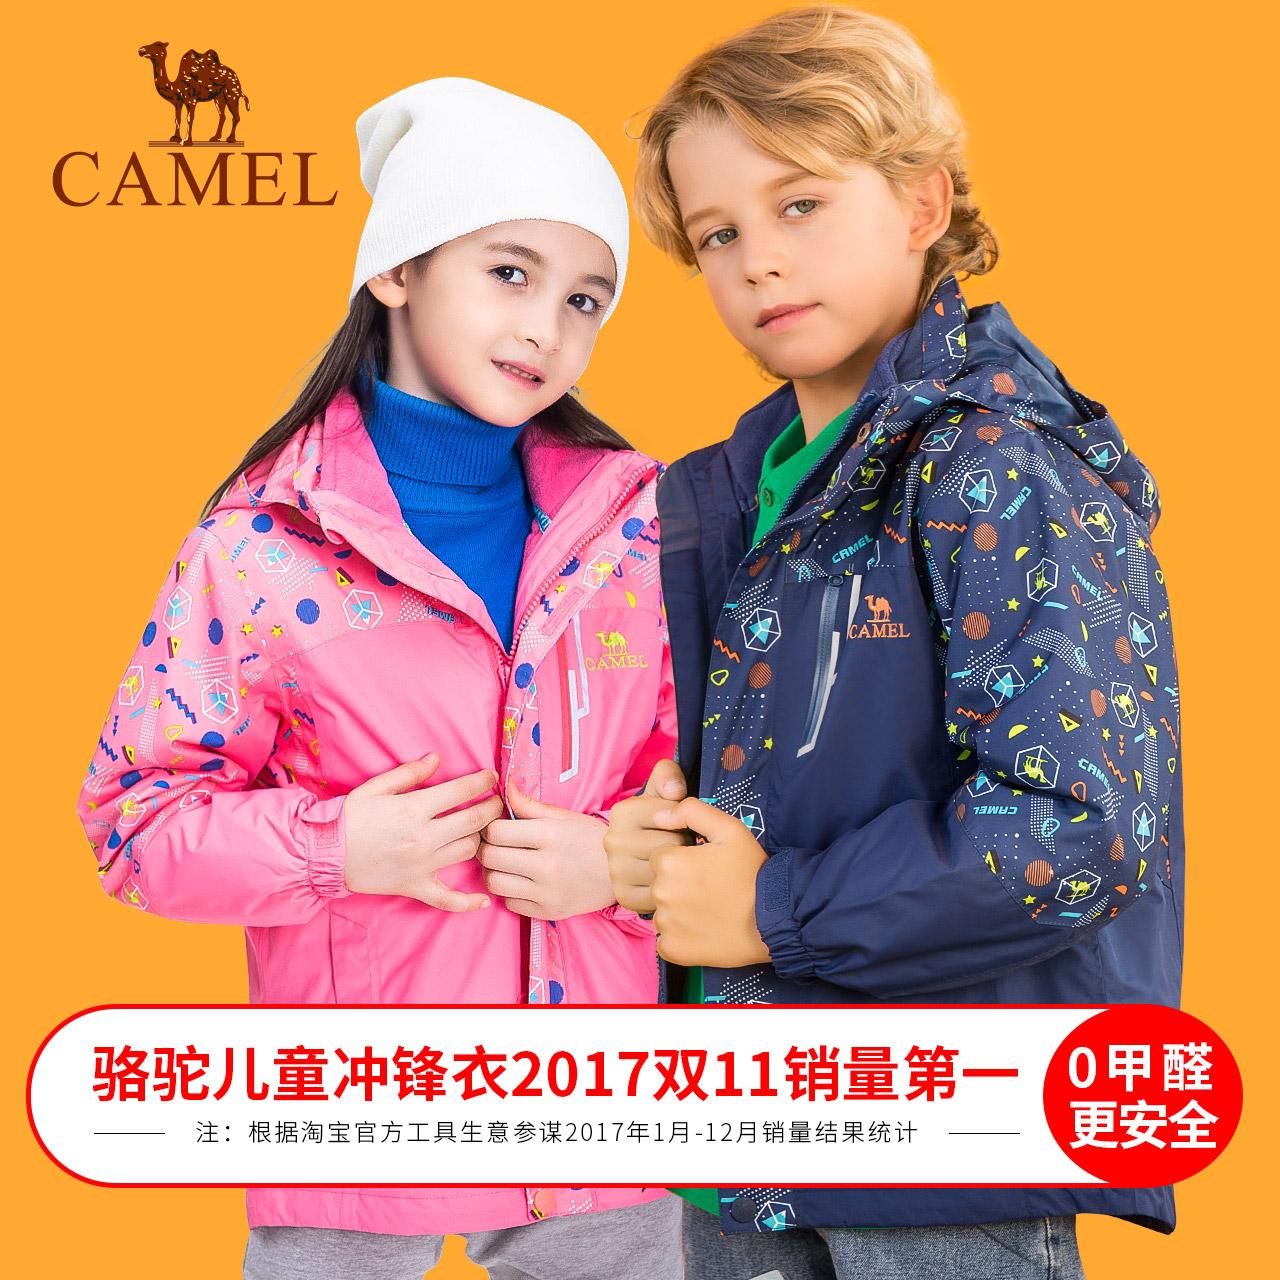 骆驼户外冲锋衣秋冬男女儿童三合一加绒加厚防风保暖登山服滑雪服